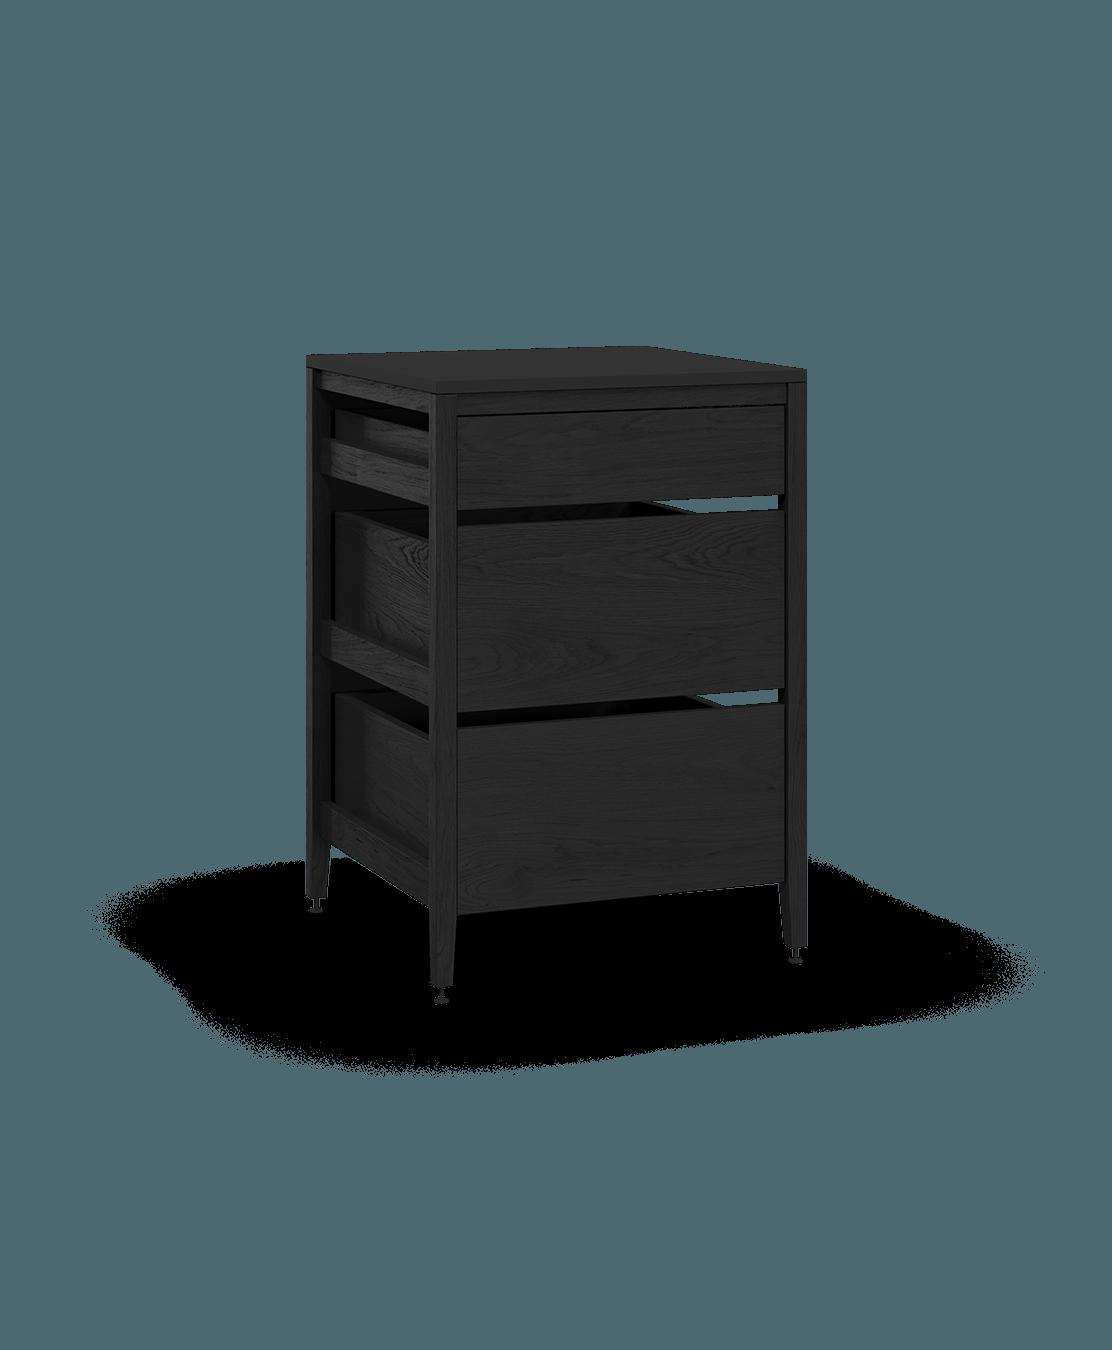 armoire de cuisine modulaire inférieure en bois massif coquo radix avec 3 tiroirs chêne teint noir nuit profonde 27 pouces C1-C-27TB-3002-BK